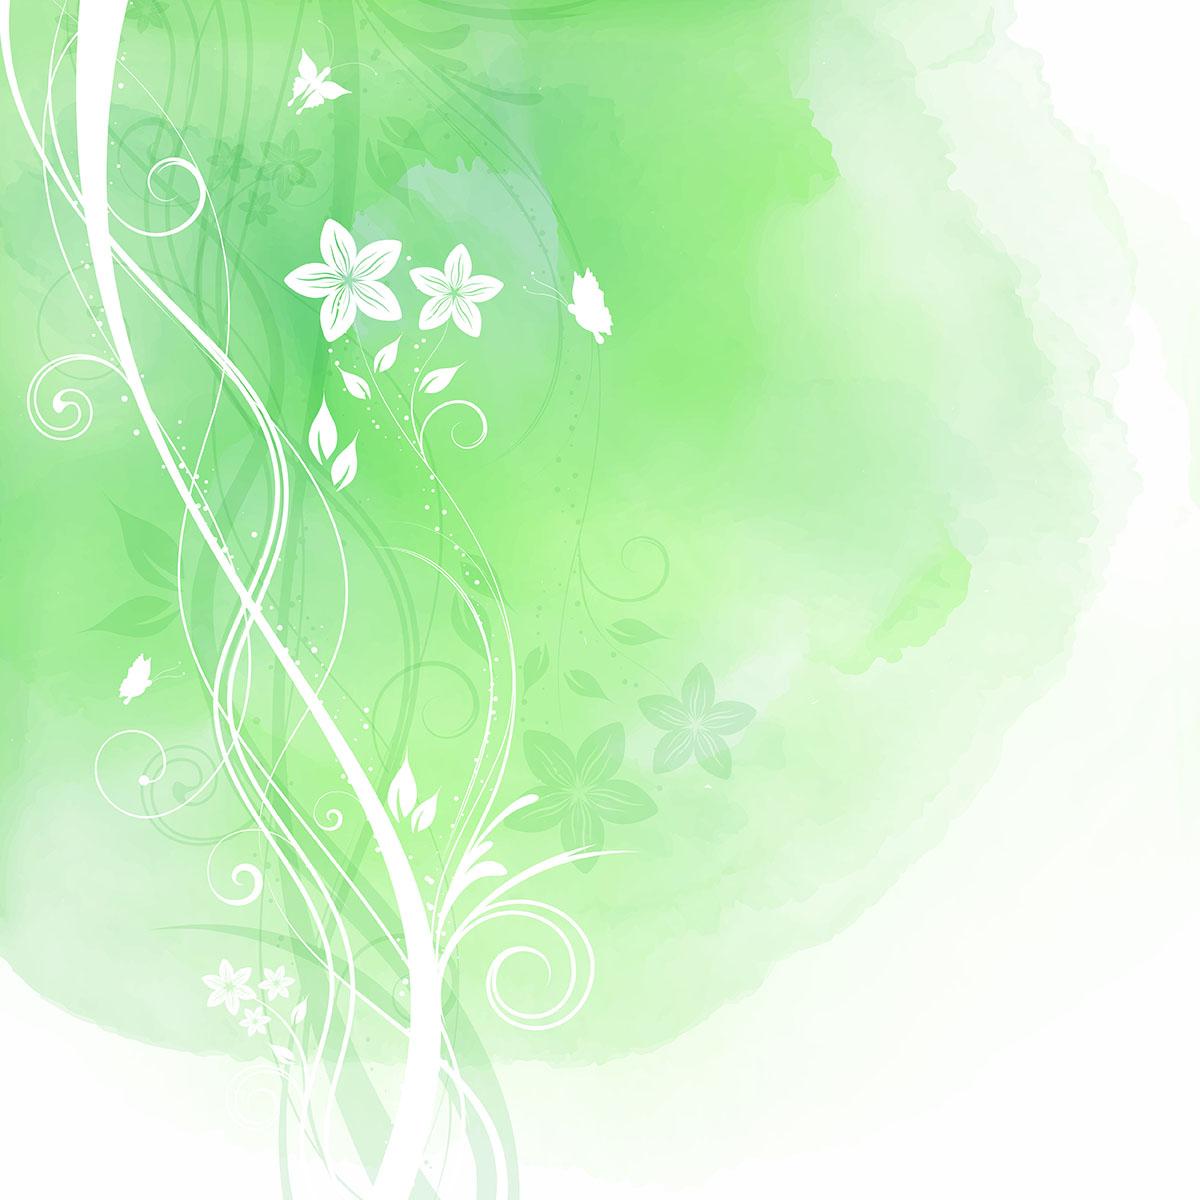 春天圖片 免費下載 | 天天瘋後製